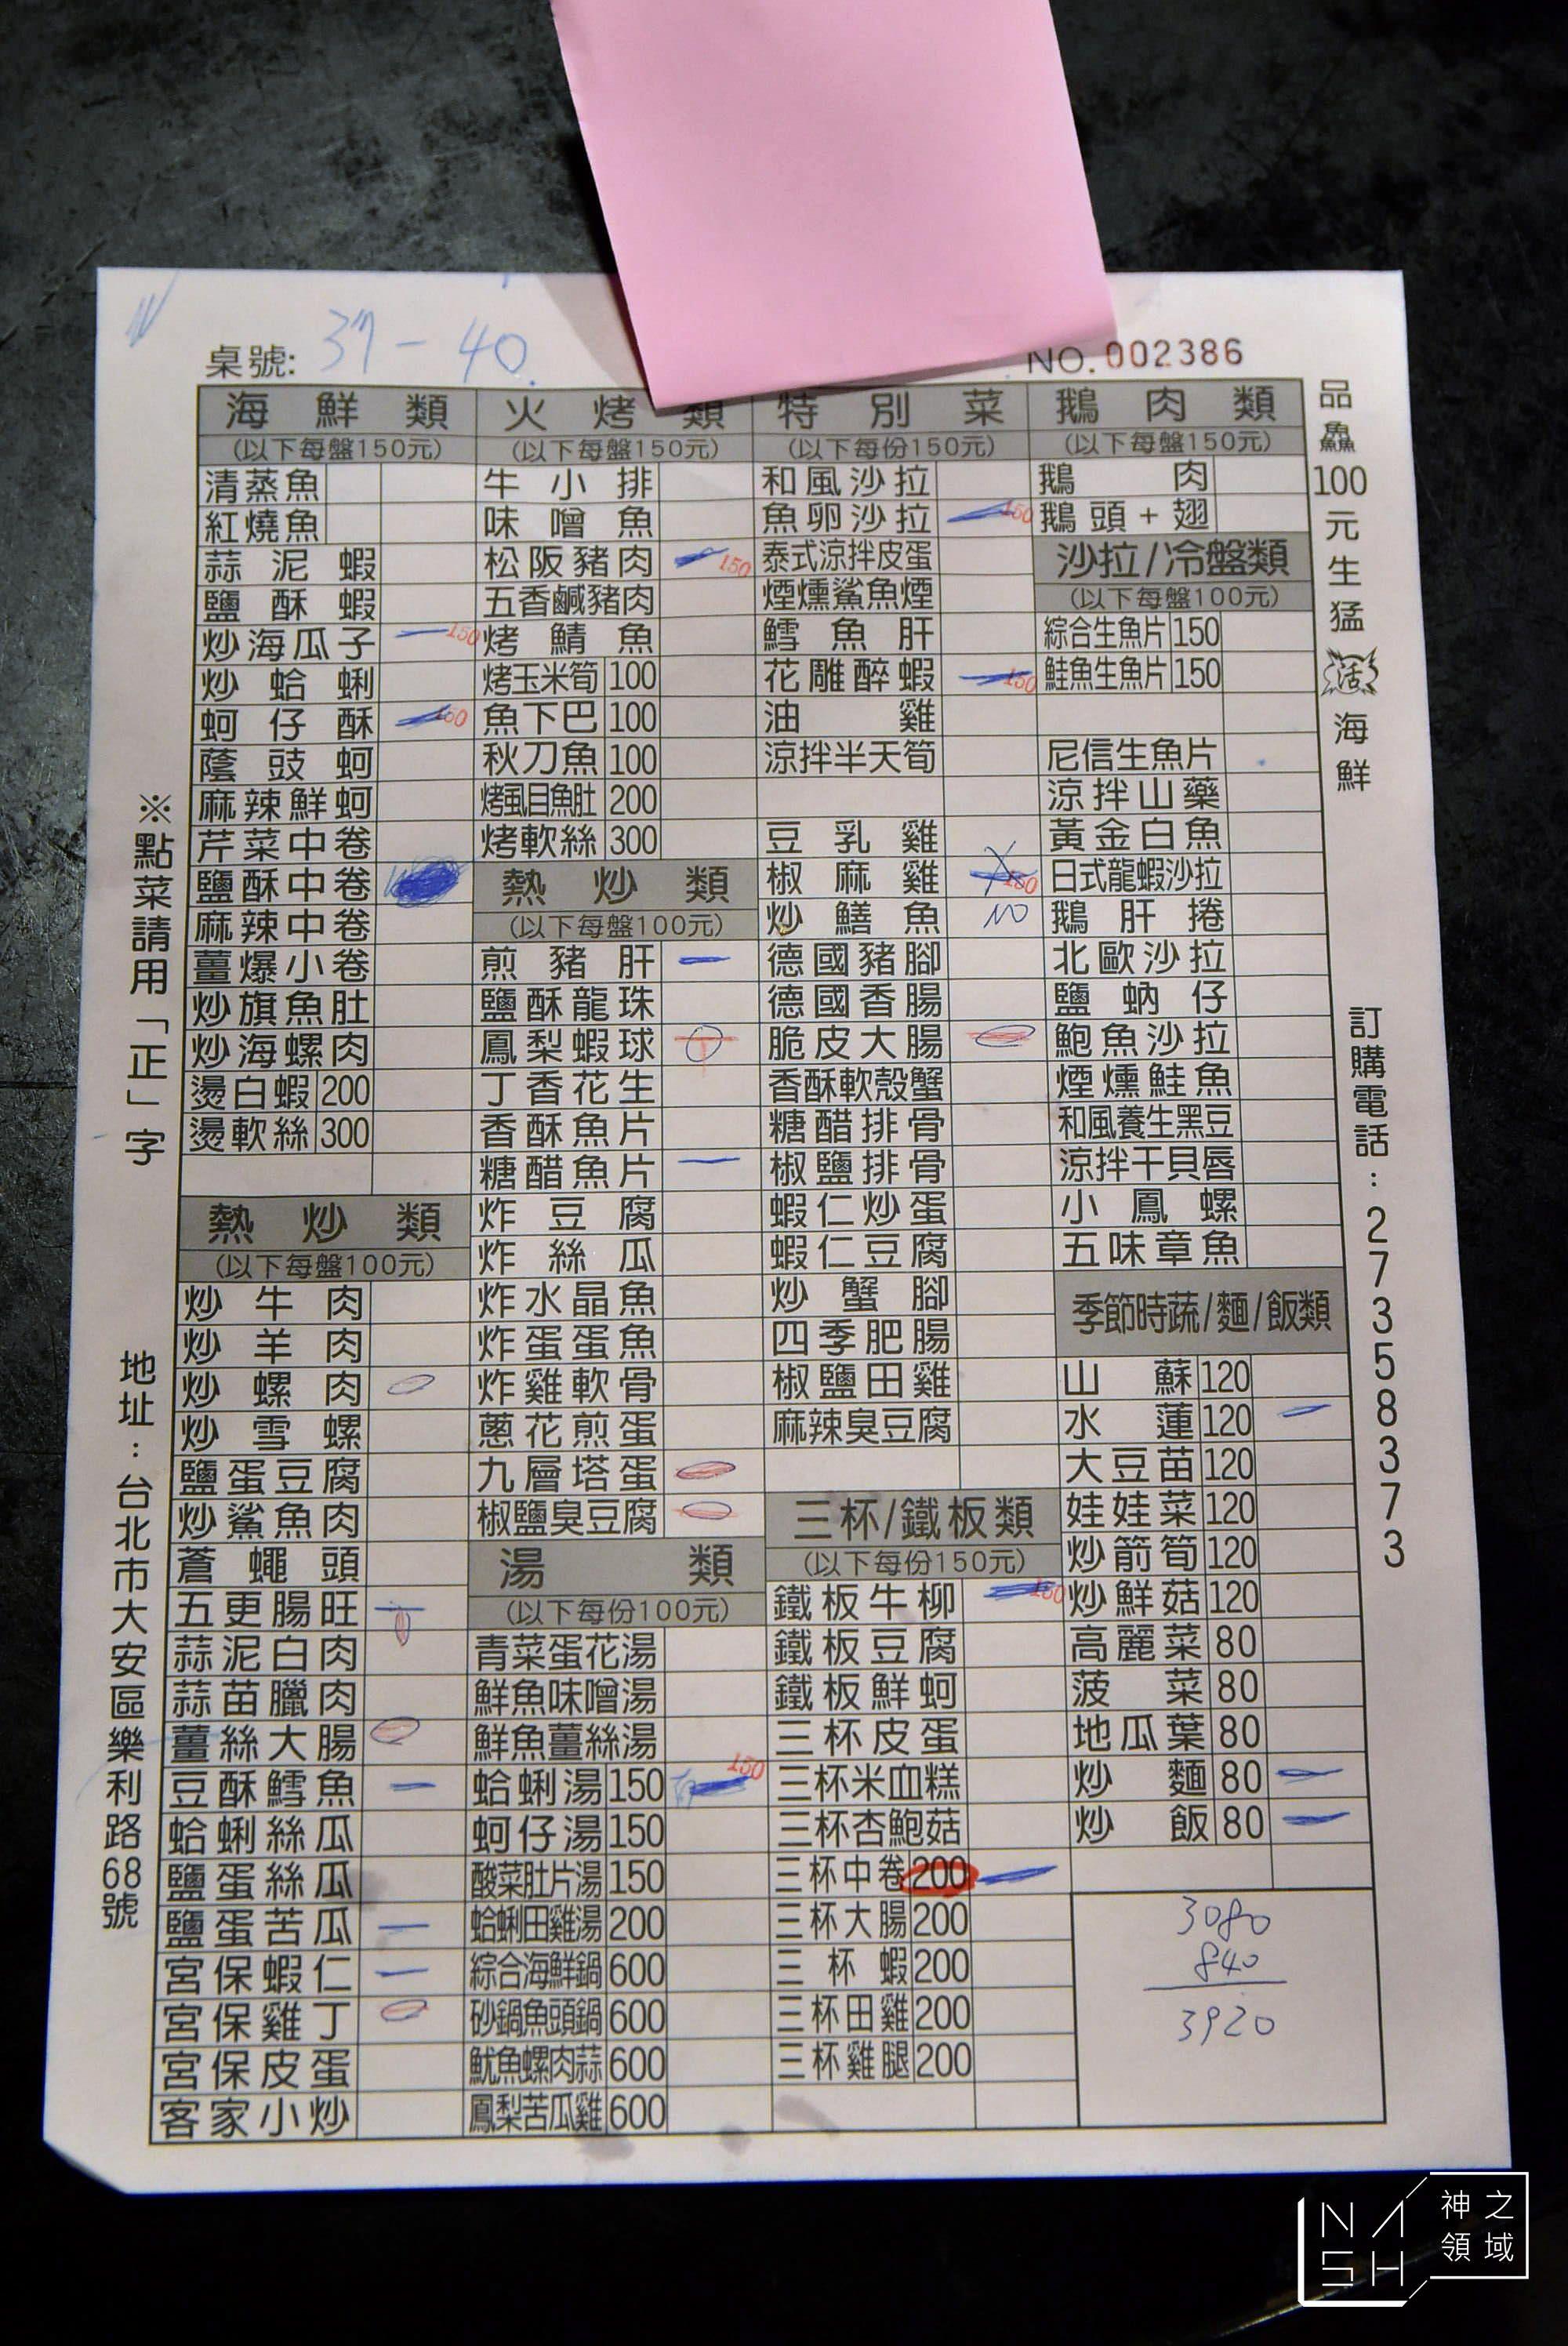 品鱻100元熱炒,捷運六張犁熱炒推薦,台北熱炒推薦